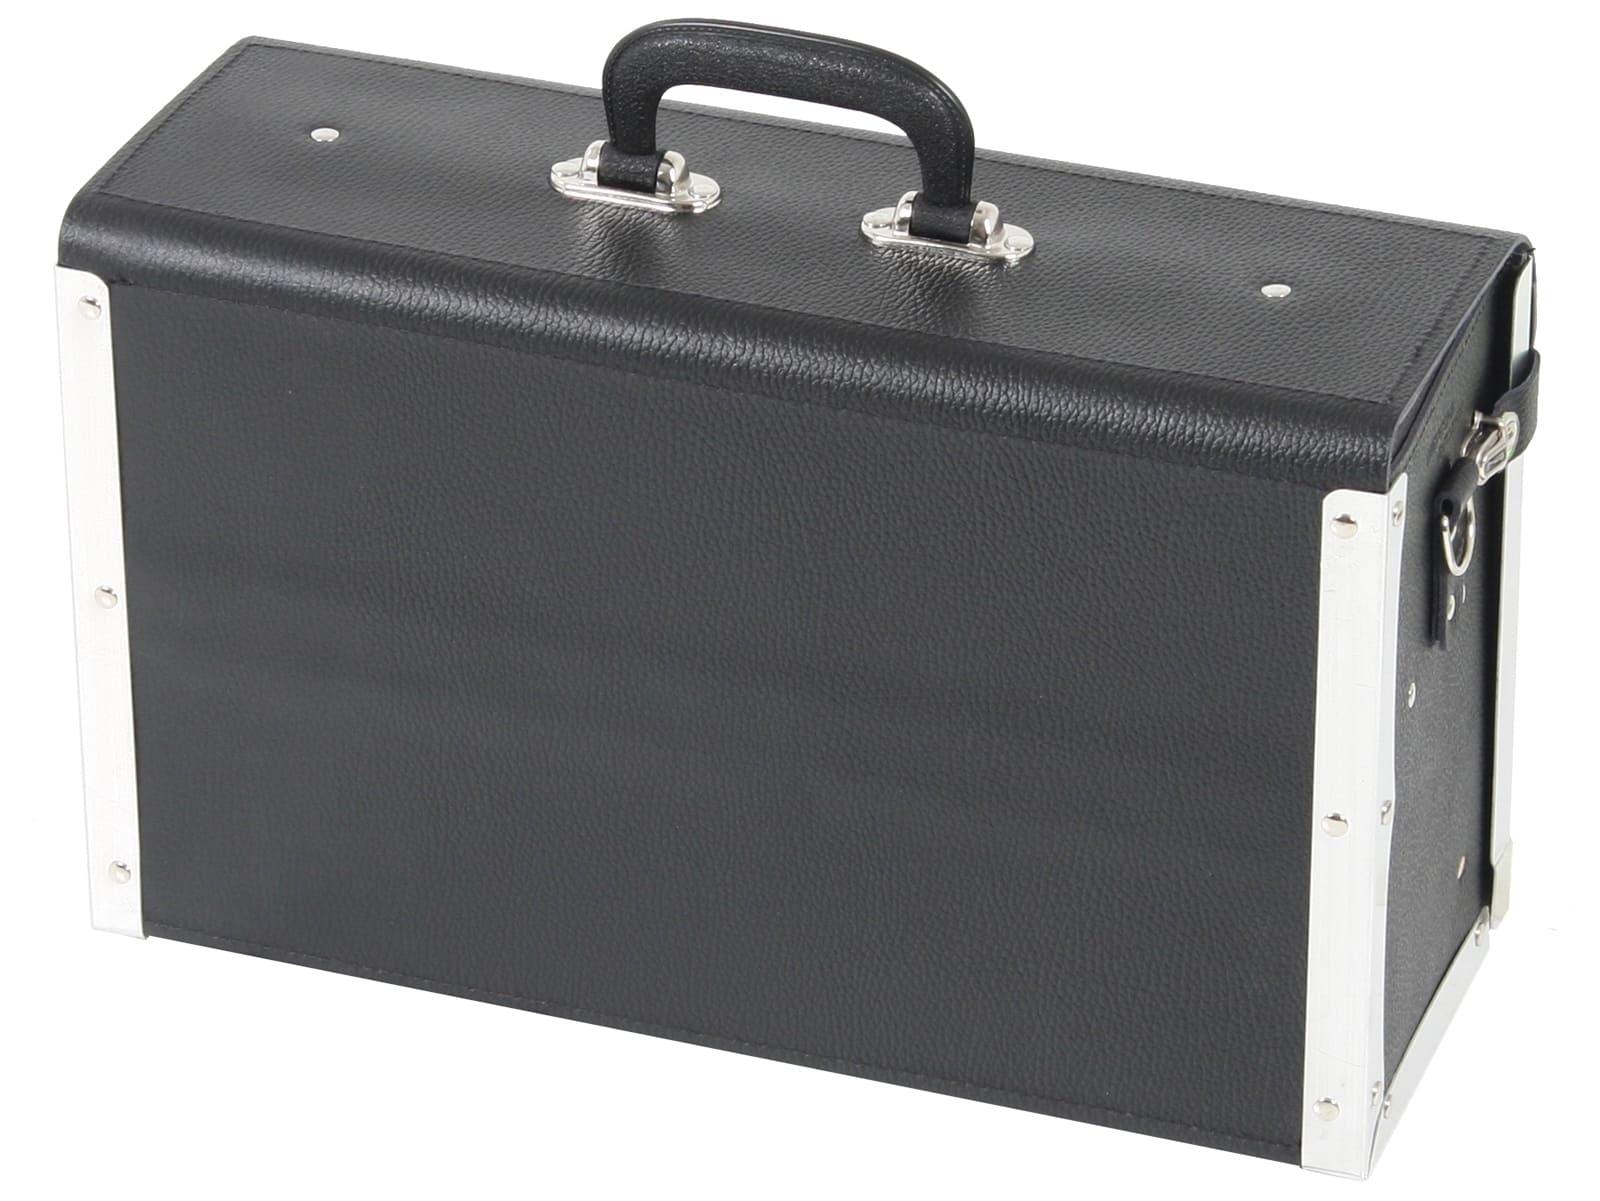 Werkzeugtasche Favorit Pro 7163